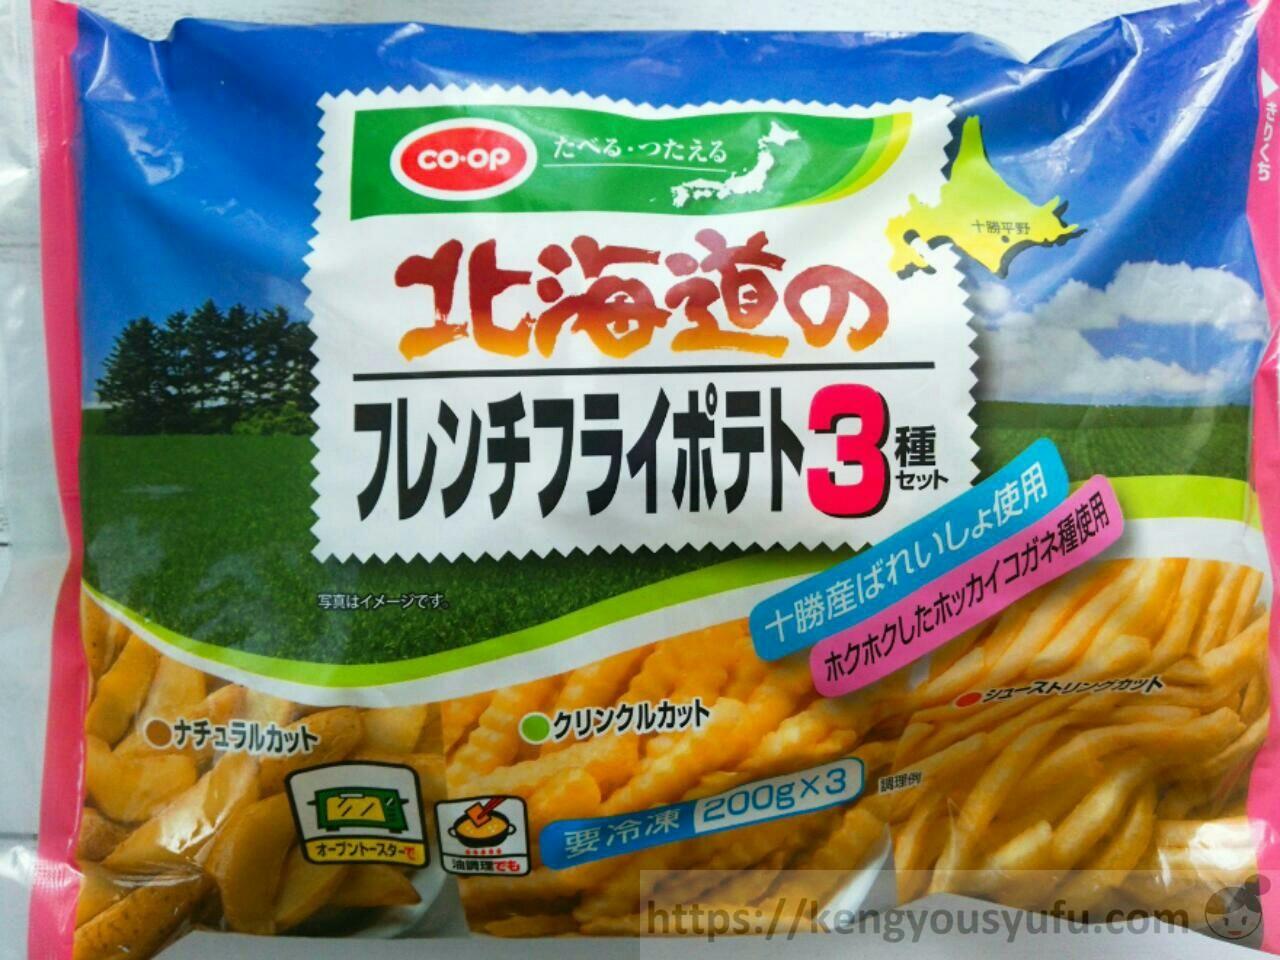 コープ「北海道のフレンチフライポテト」3種類も入ってお得感あり!